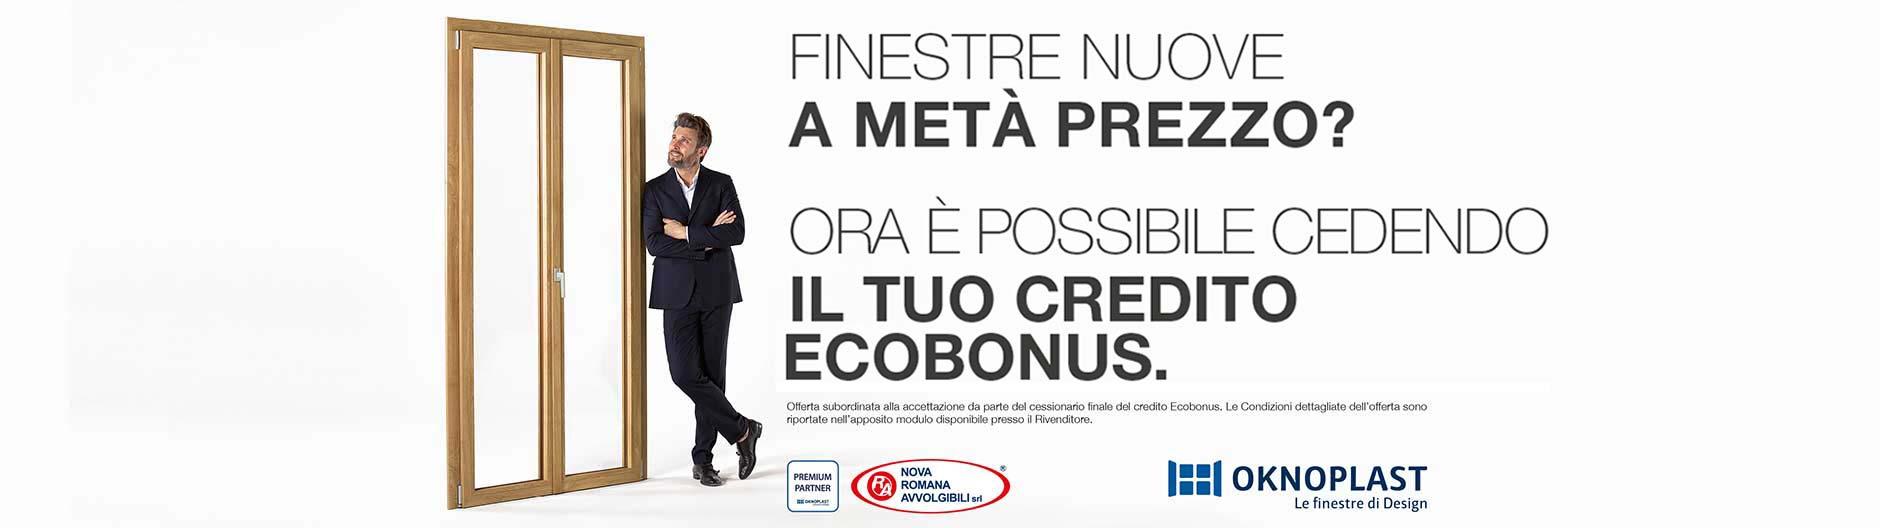 Avvolgibili infissi serramenti porte e zanzariere roma - Finestre in pvc a roma ...